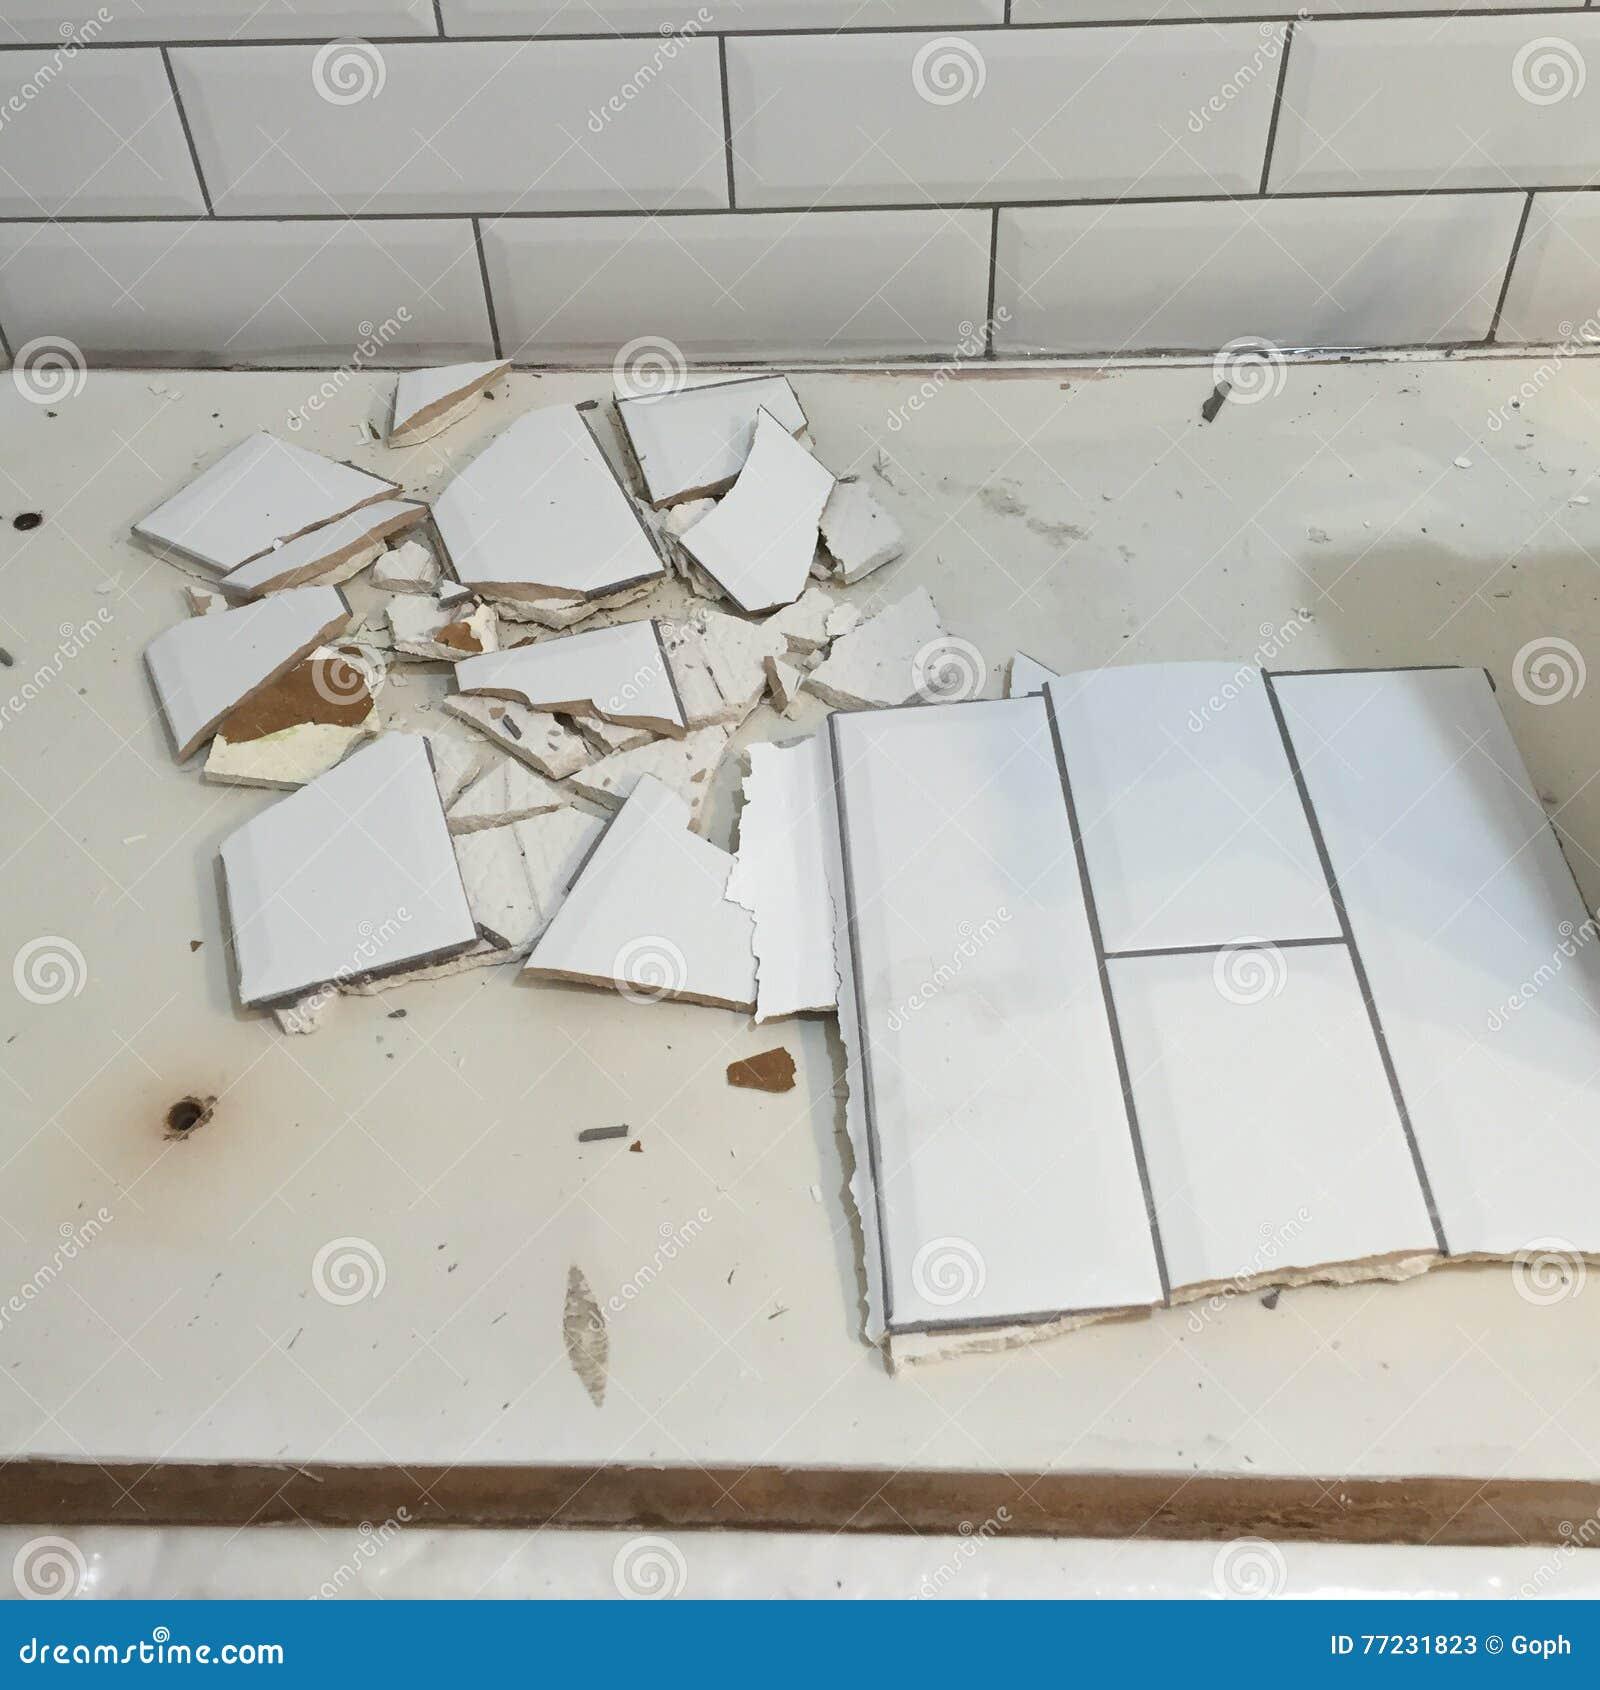 Broken tiles fix stock image. Image of wall, danger, bathroom - 77231823